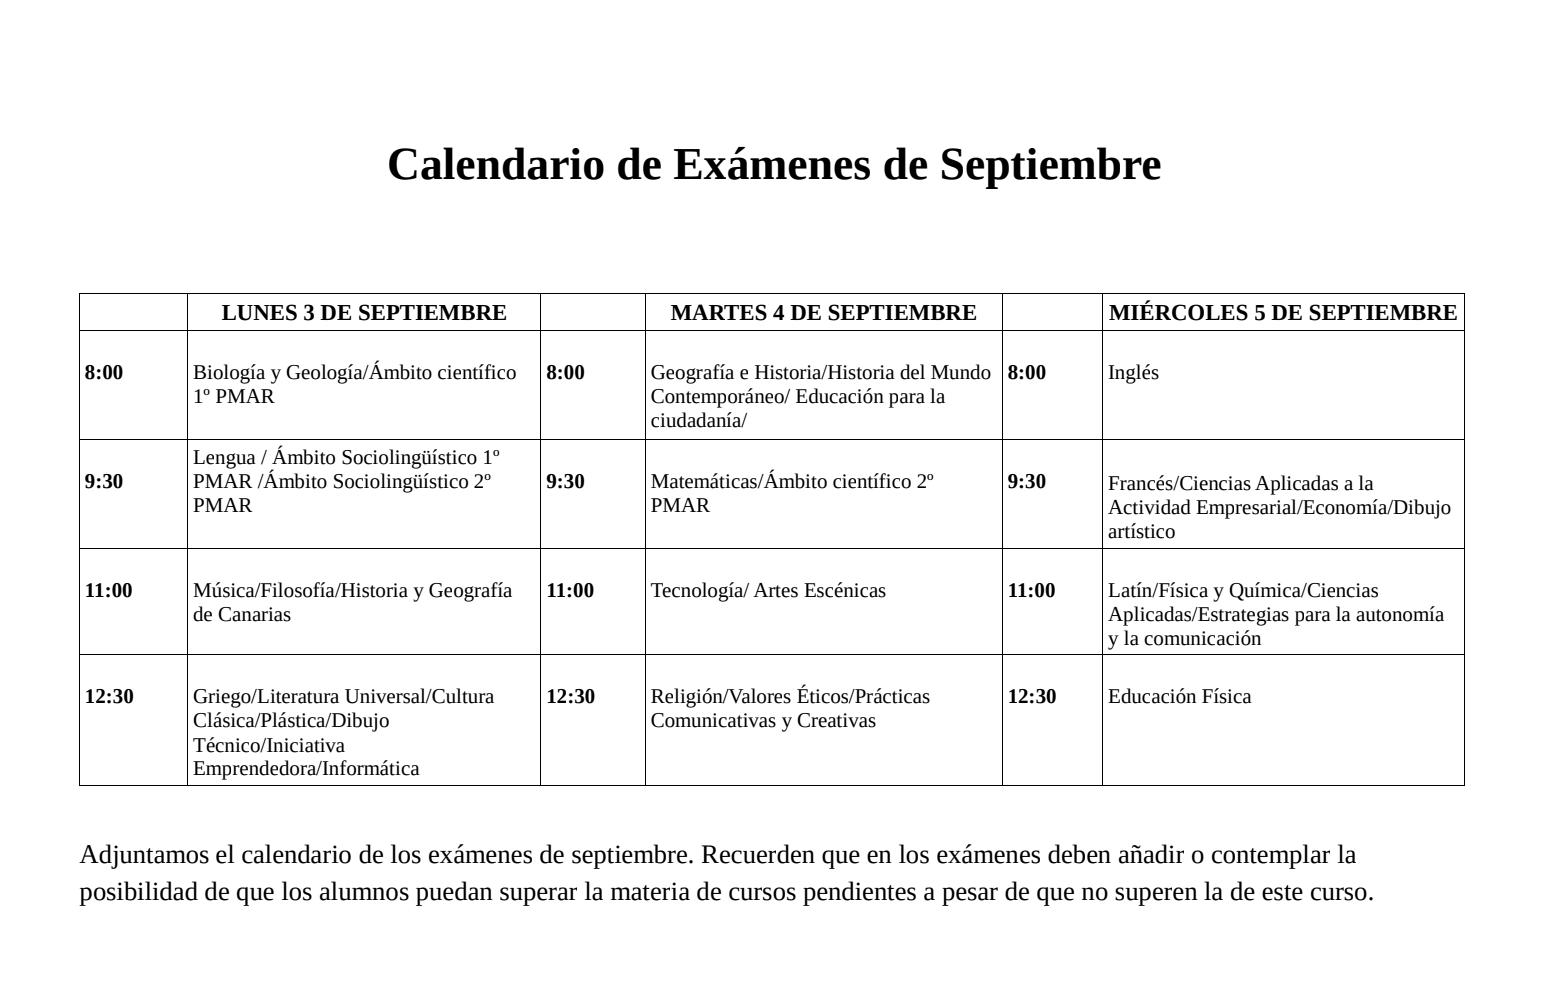 Calendario Dibujo Png.Calendario De Examenes De Septiembre Ies El Rincon